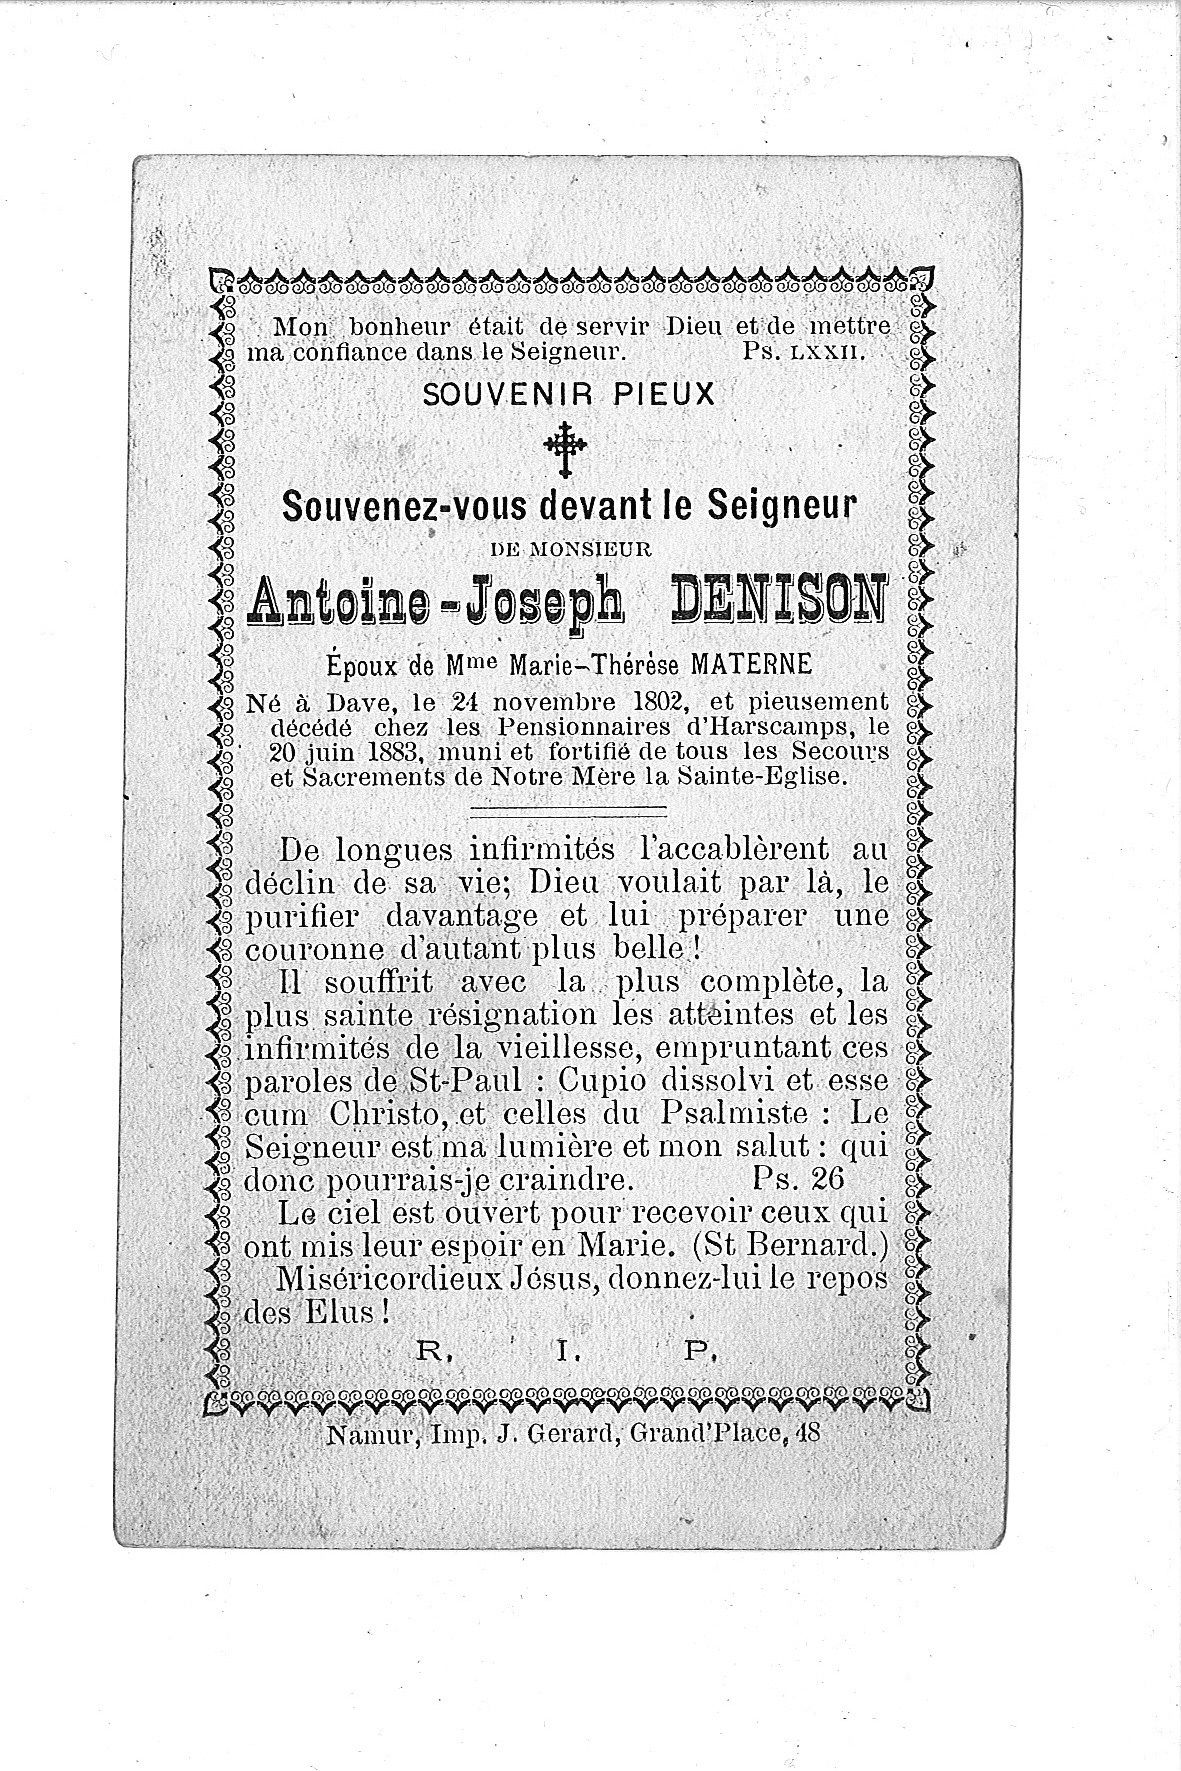 Antoine-Joseph(1883)20091002141227_00003.jpg